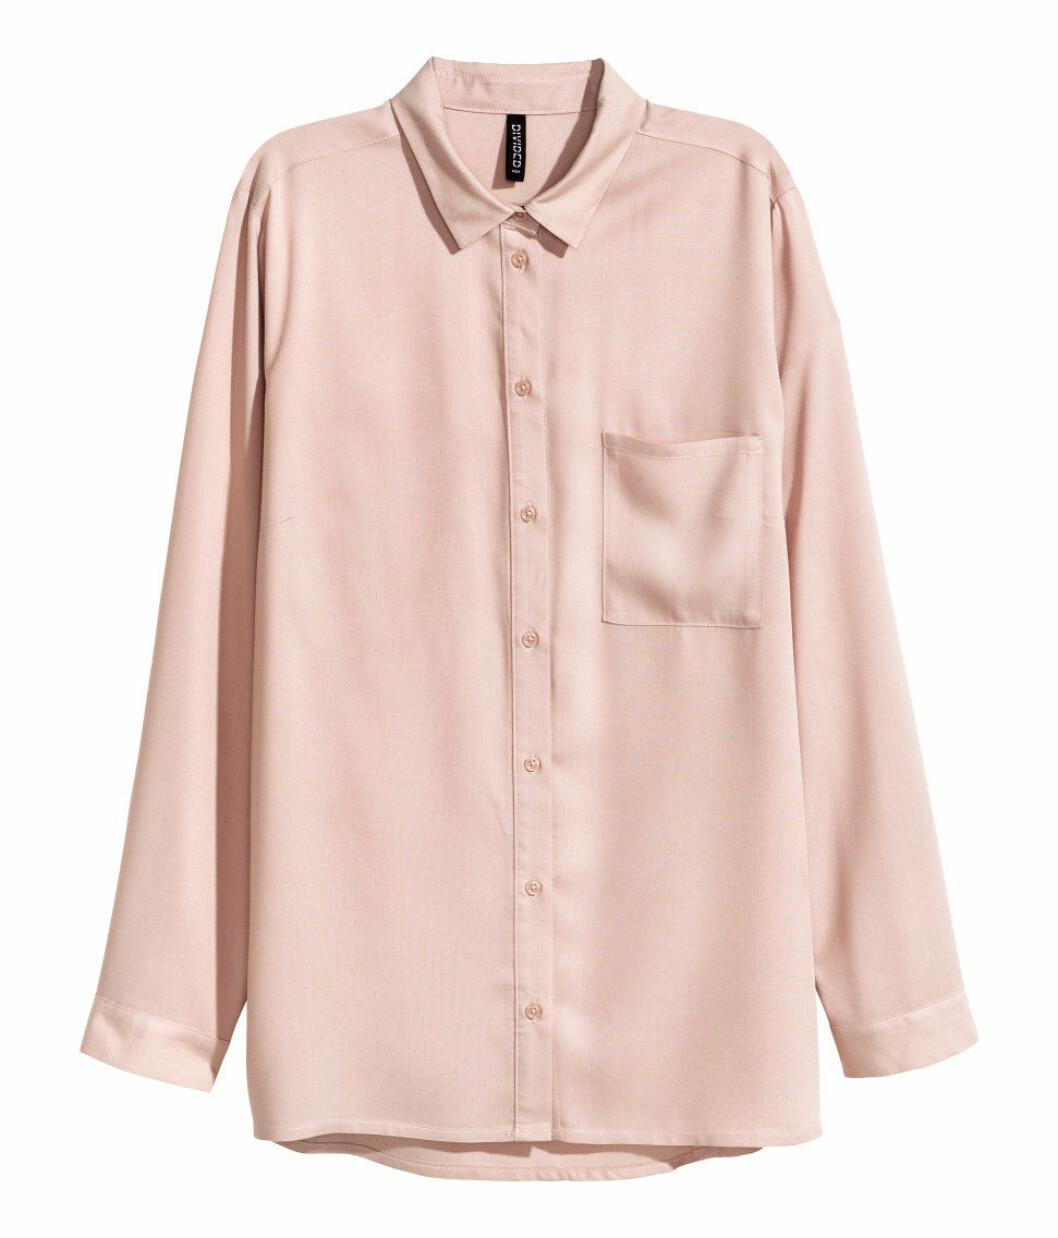 rosa-skjorta-hm